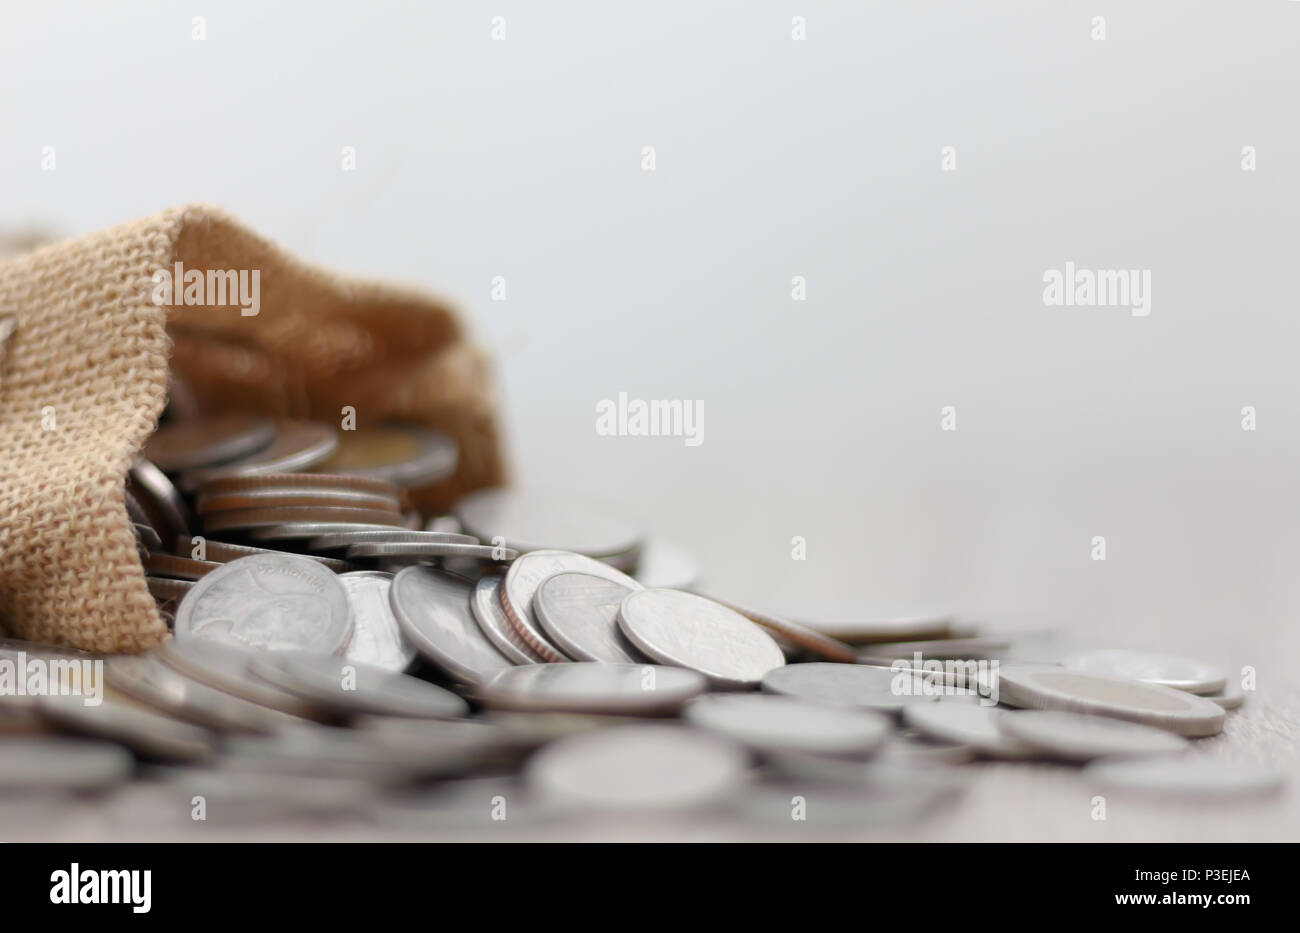 Monedas en el saco sobre la mesa de madera con espacio de copia. Seleccione focus gran profundidad de campo y el fondo borroso. Foto de stock